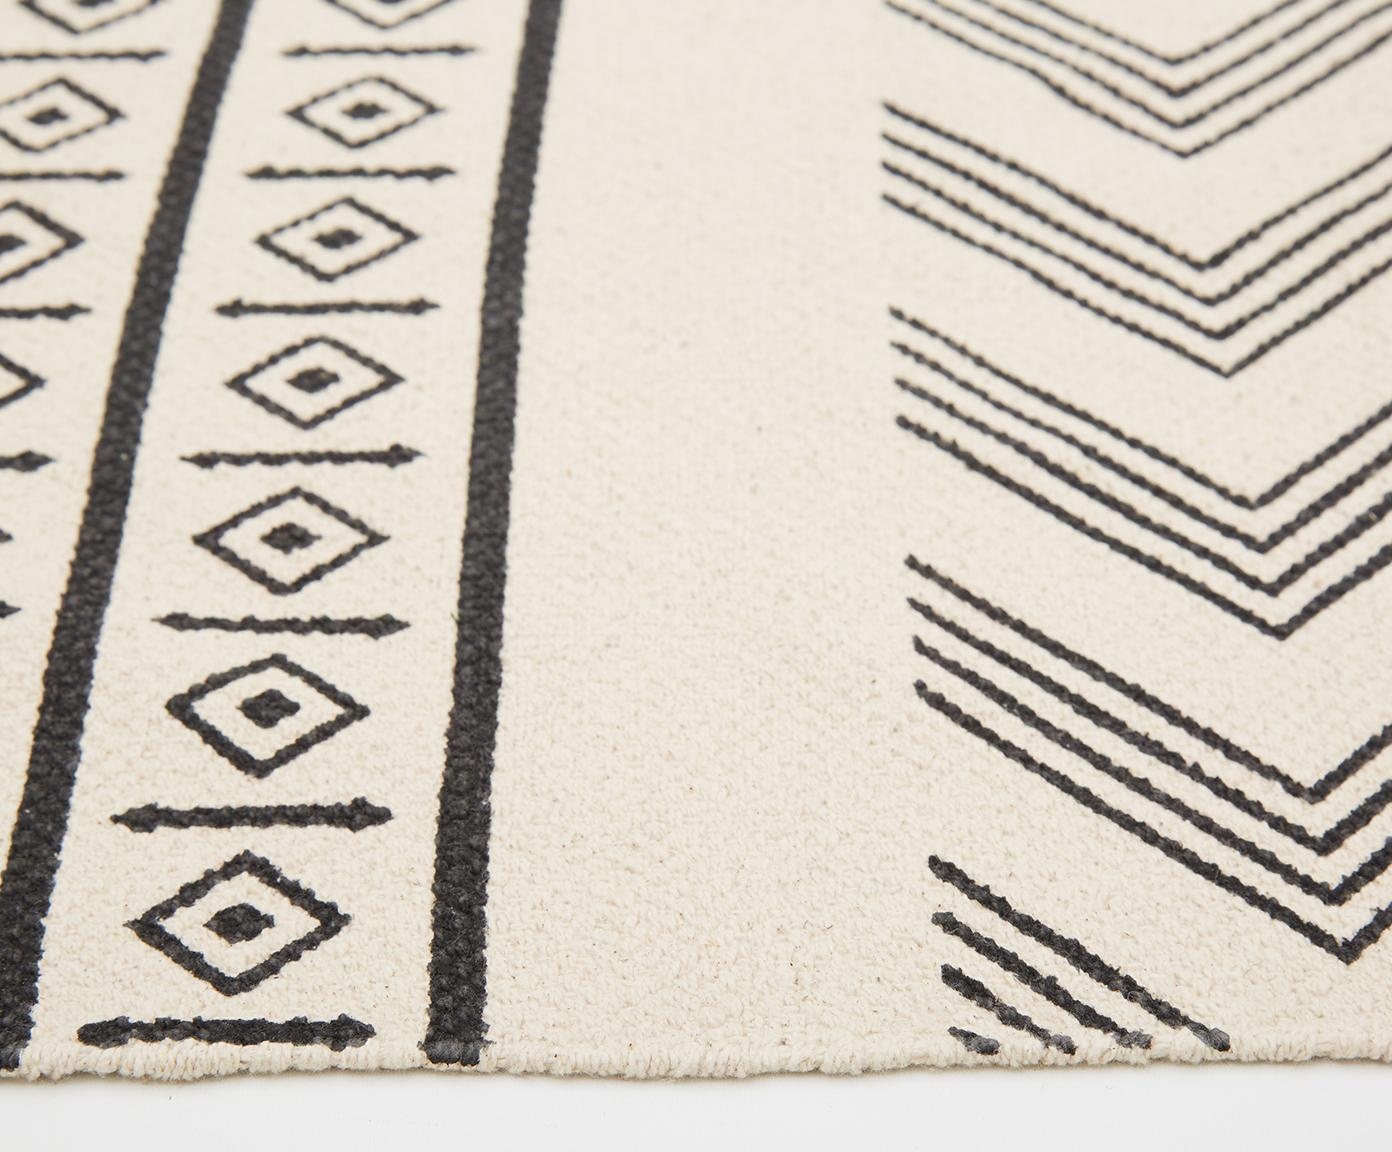 Passatoia in cotone tessuta a mano Edna, Cotone, Bianco crema, nero, Larg. 80 x Lung. 250 cm